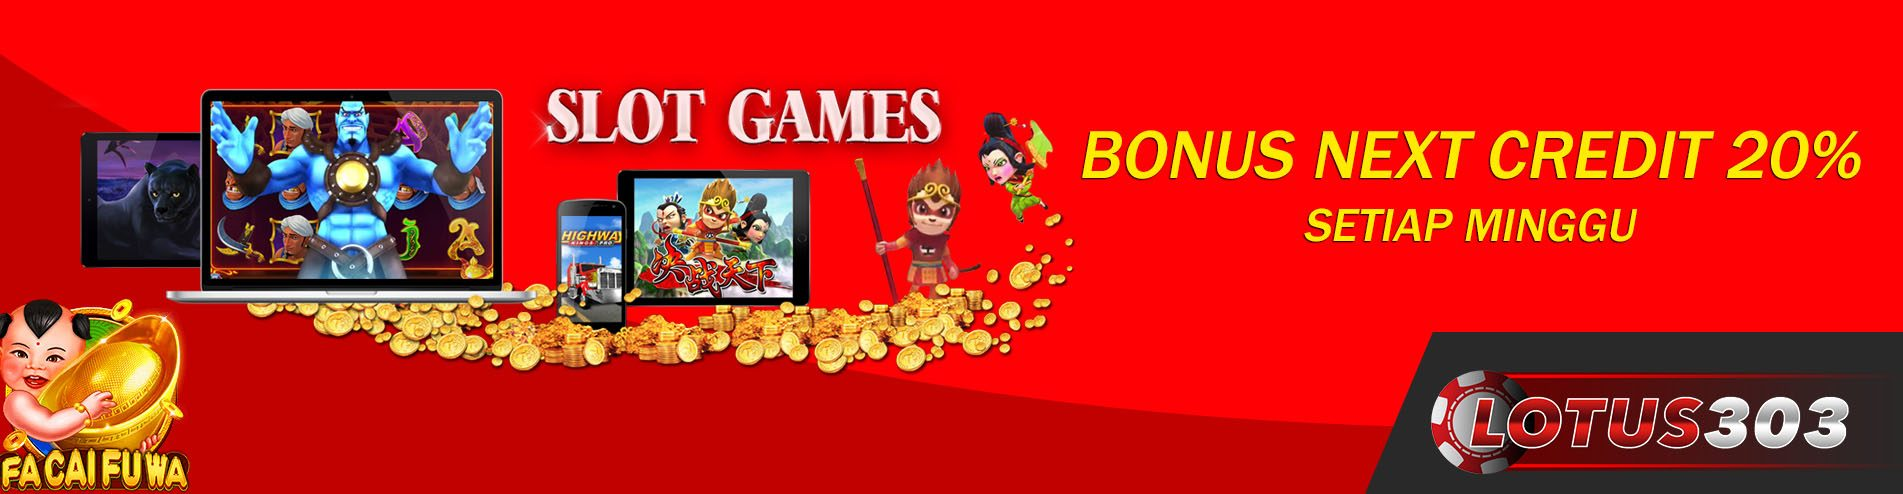 bonus lotus303